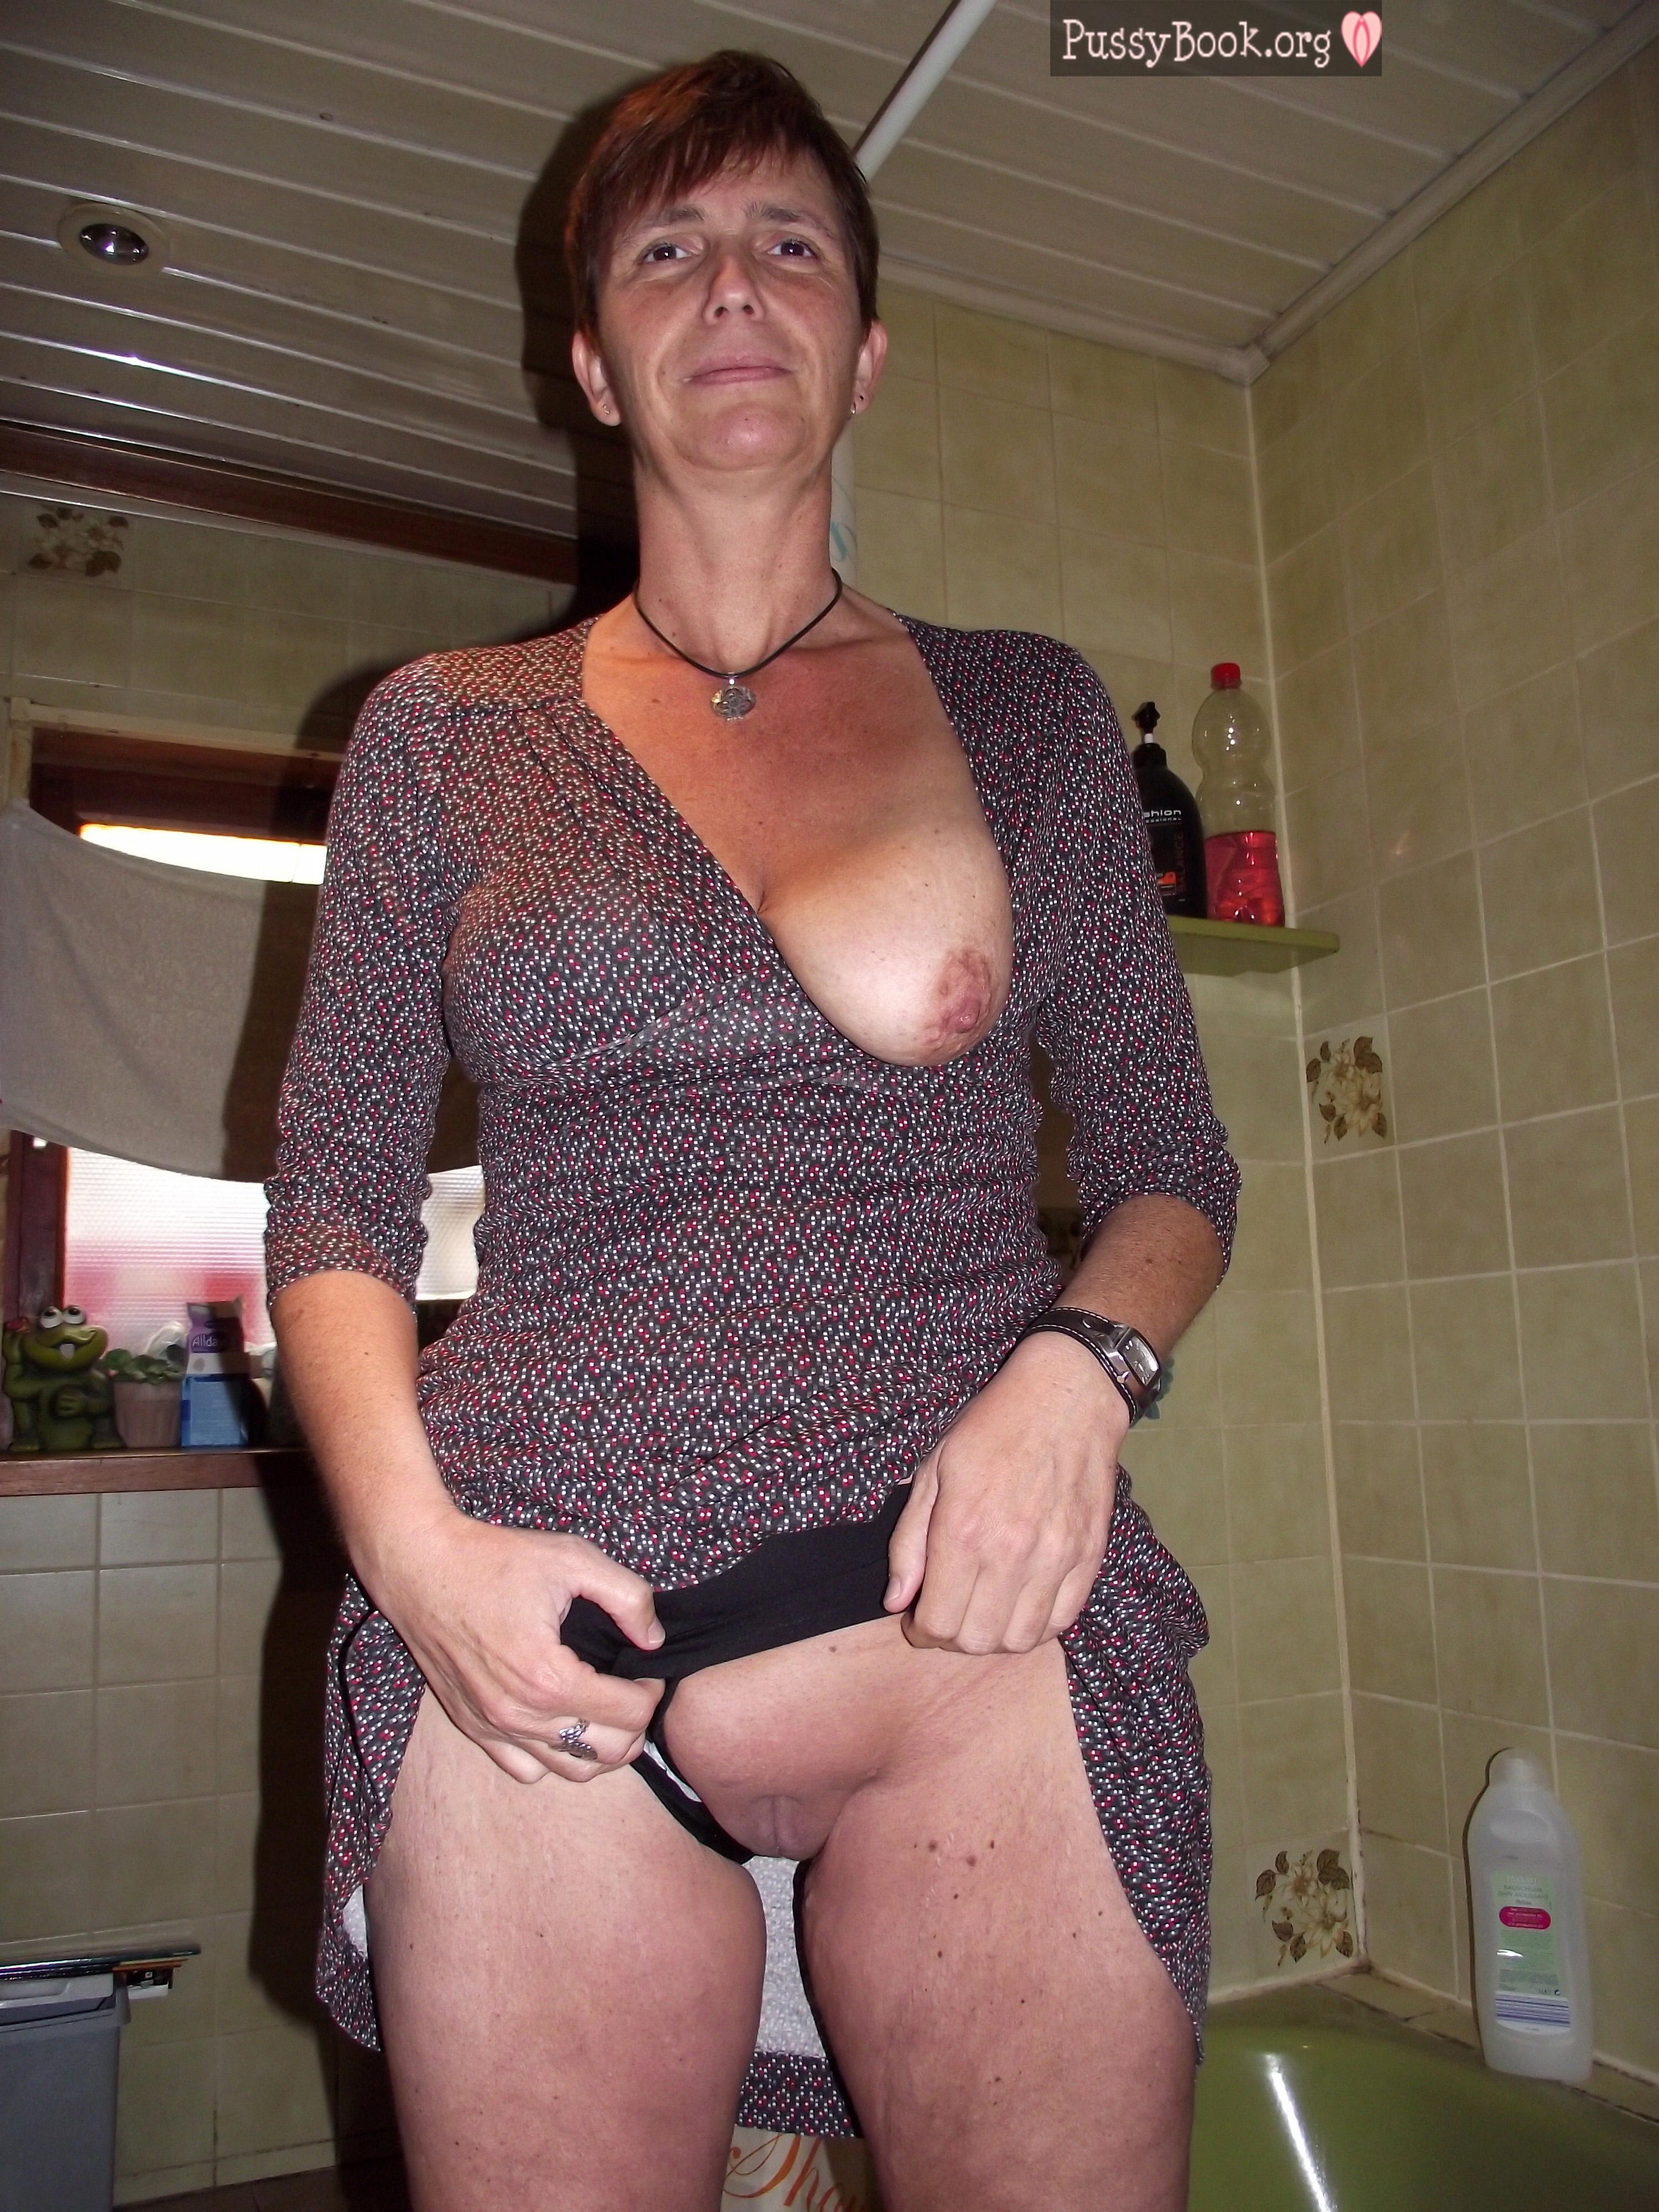 mom flash at job nude